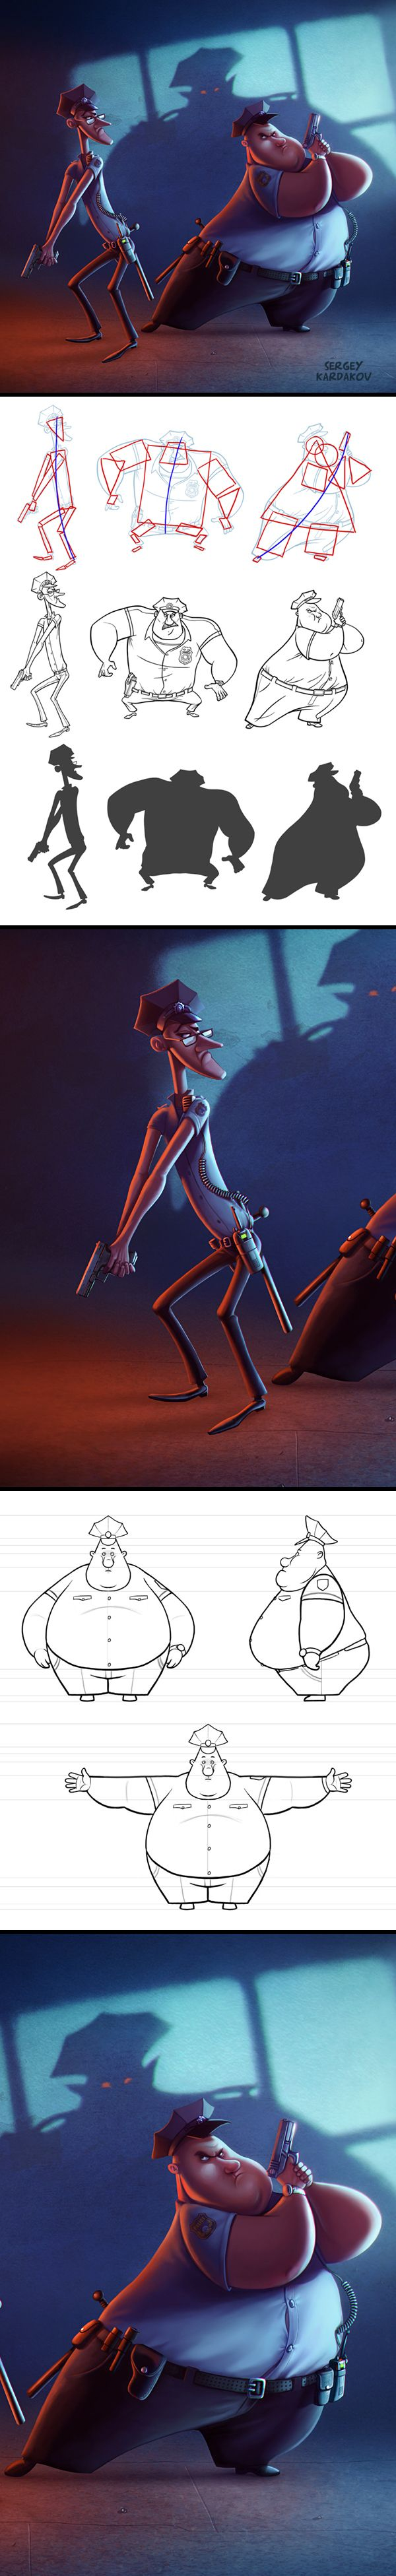 Illustration mix by Sergey Kardakov, via Behance